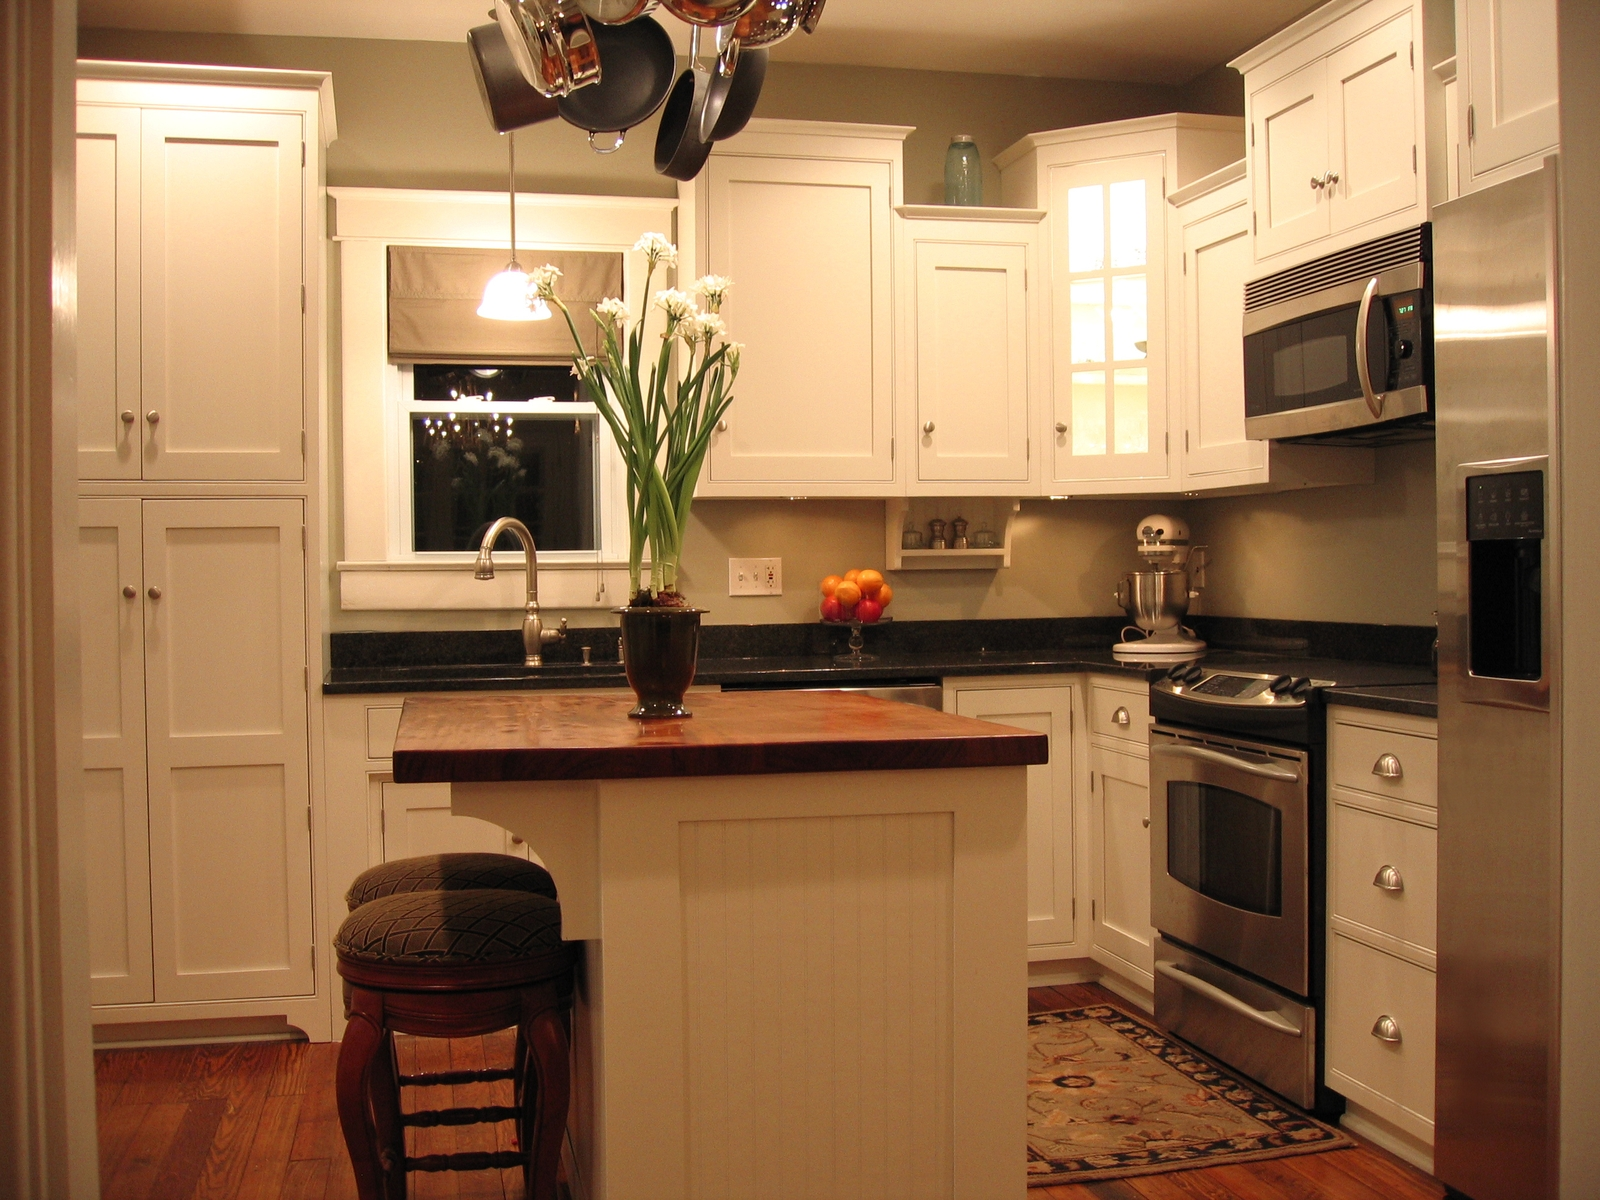 kitchen island for small kitchen photo - 2